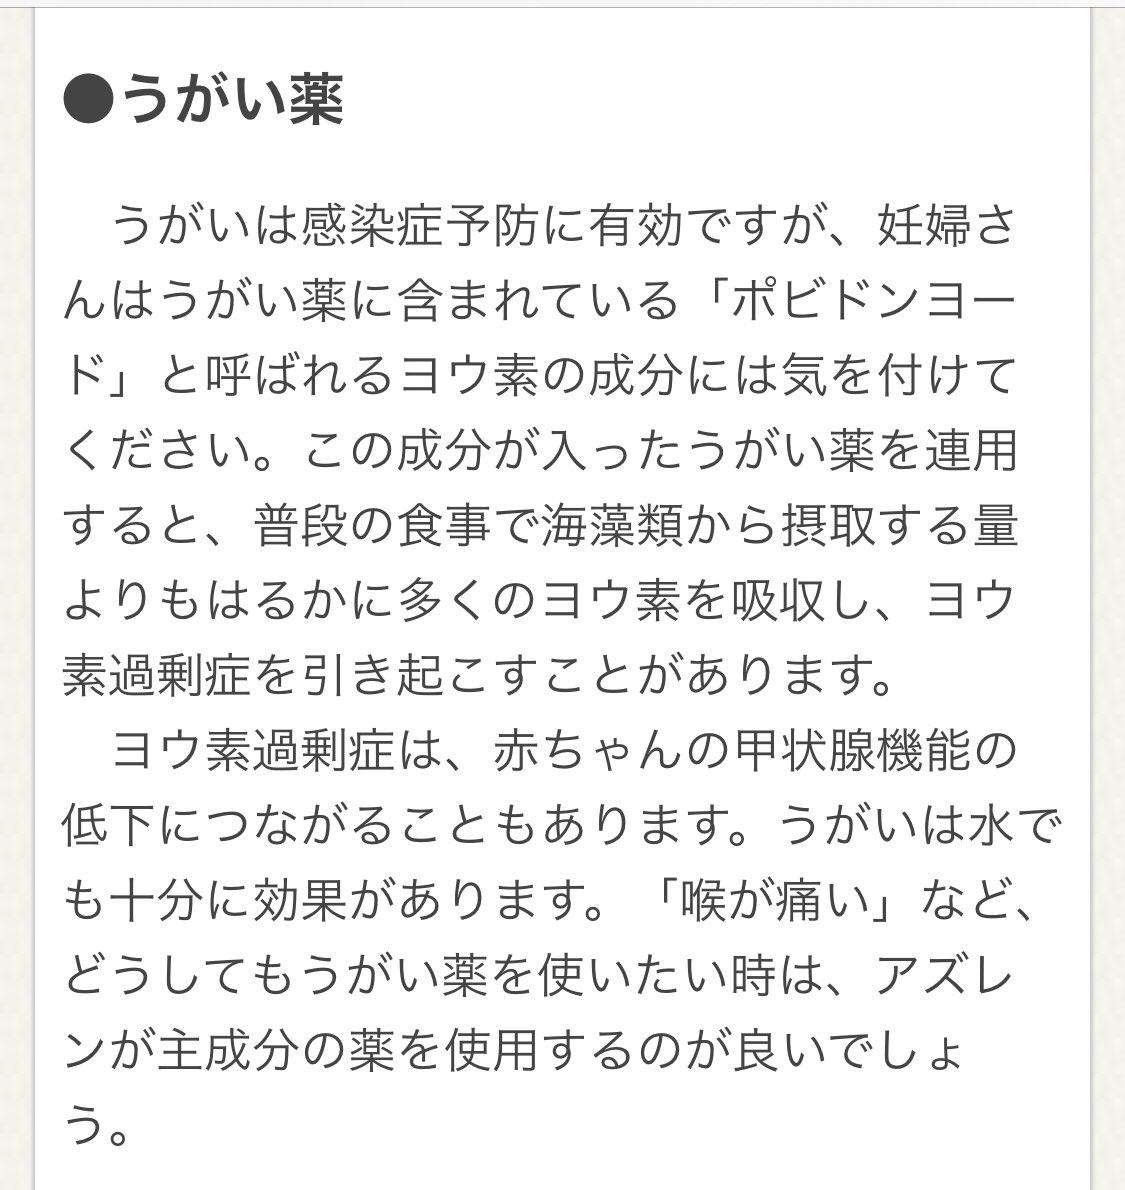 大阪府がコロナ対策にイソジン系うがい薬を勧めたみたいだけど、妊婦さんが何も知らずに使いまくっちゃいそうで怖い気をつけてー!#イソジン #ポビドンヨード#うがい薬